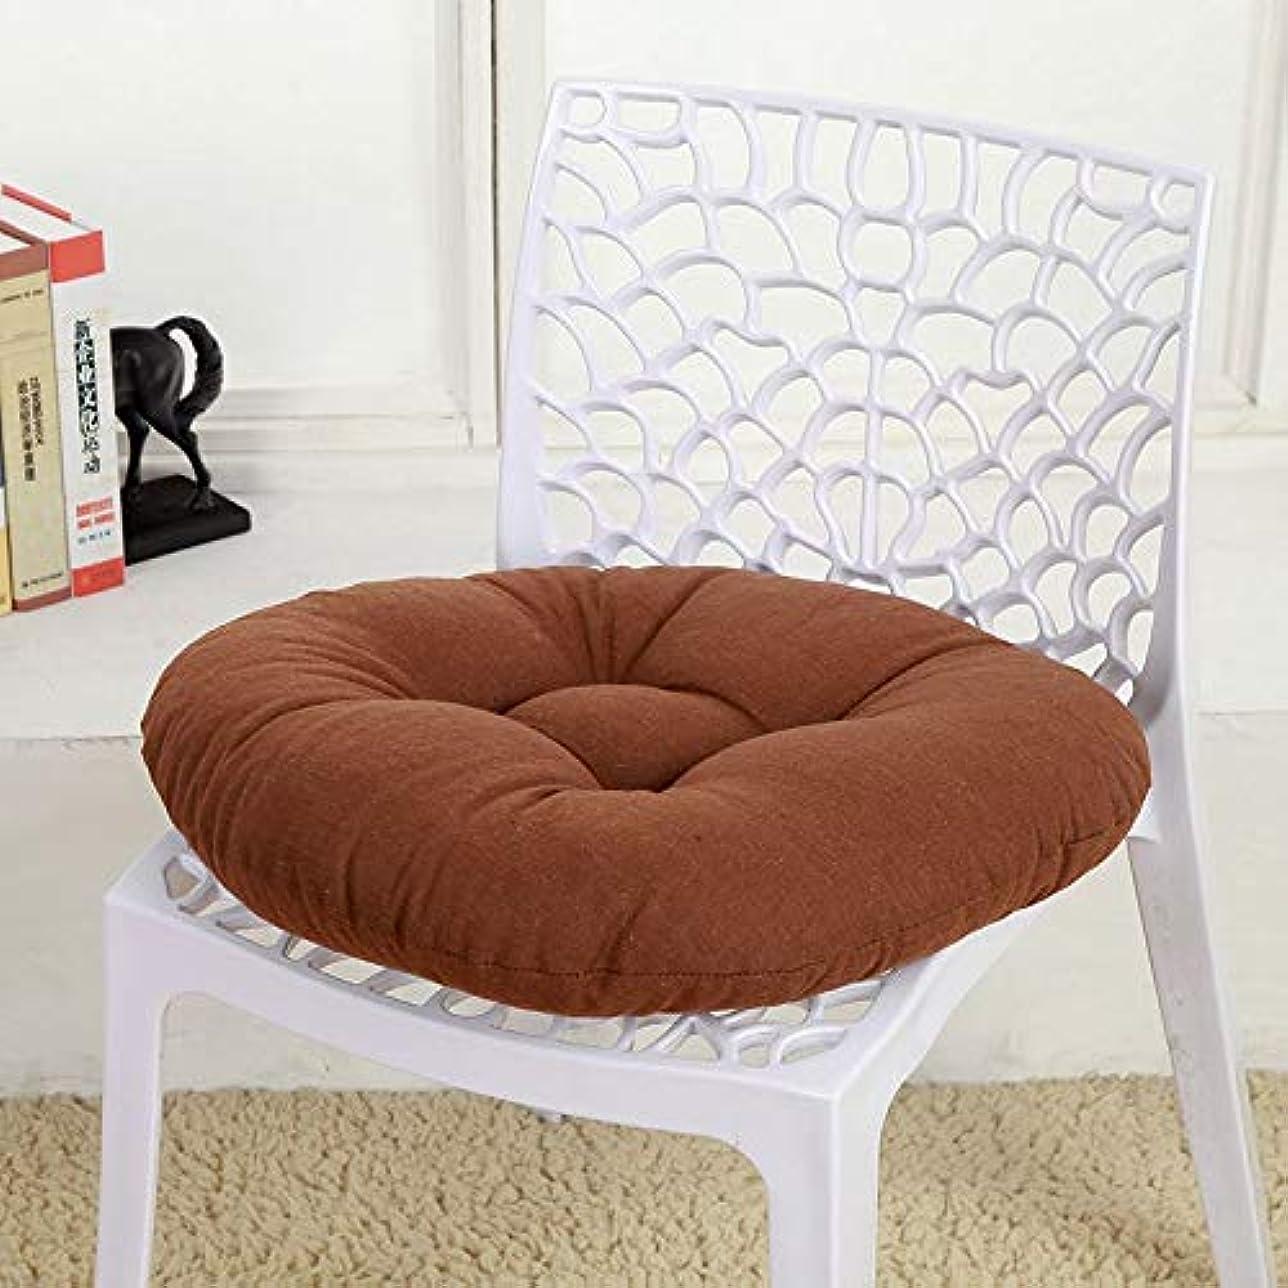 を通して少数マウントLIFE キャンディカラーのクッションラウンドシートクッション波ウィンドウシートクッションクッション家の装飾パッドラウンド枕シート枕椅子座る枕 クッション 椅子